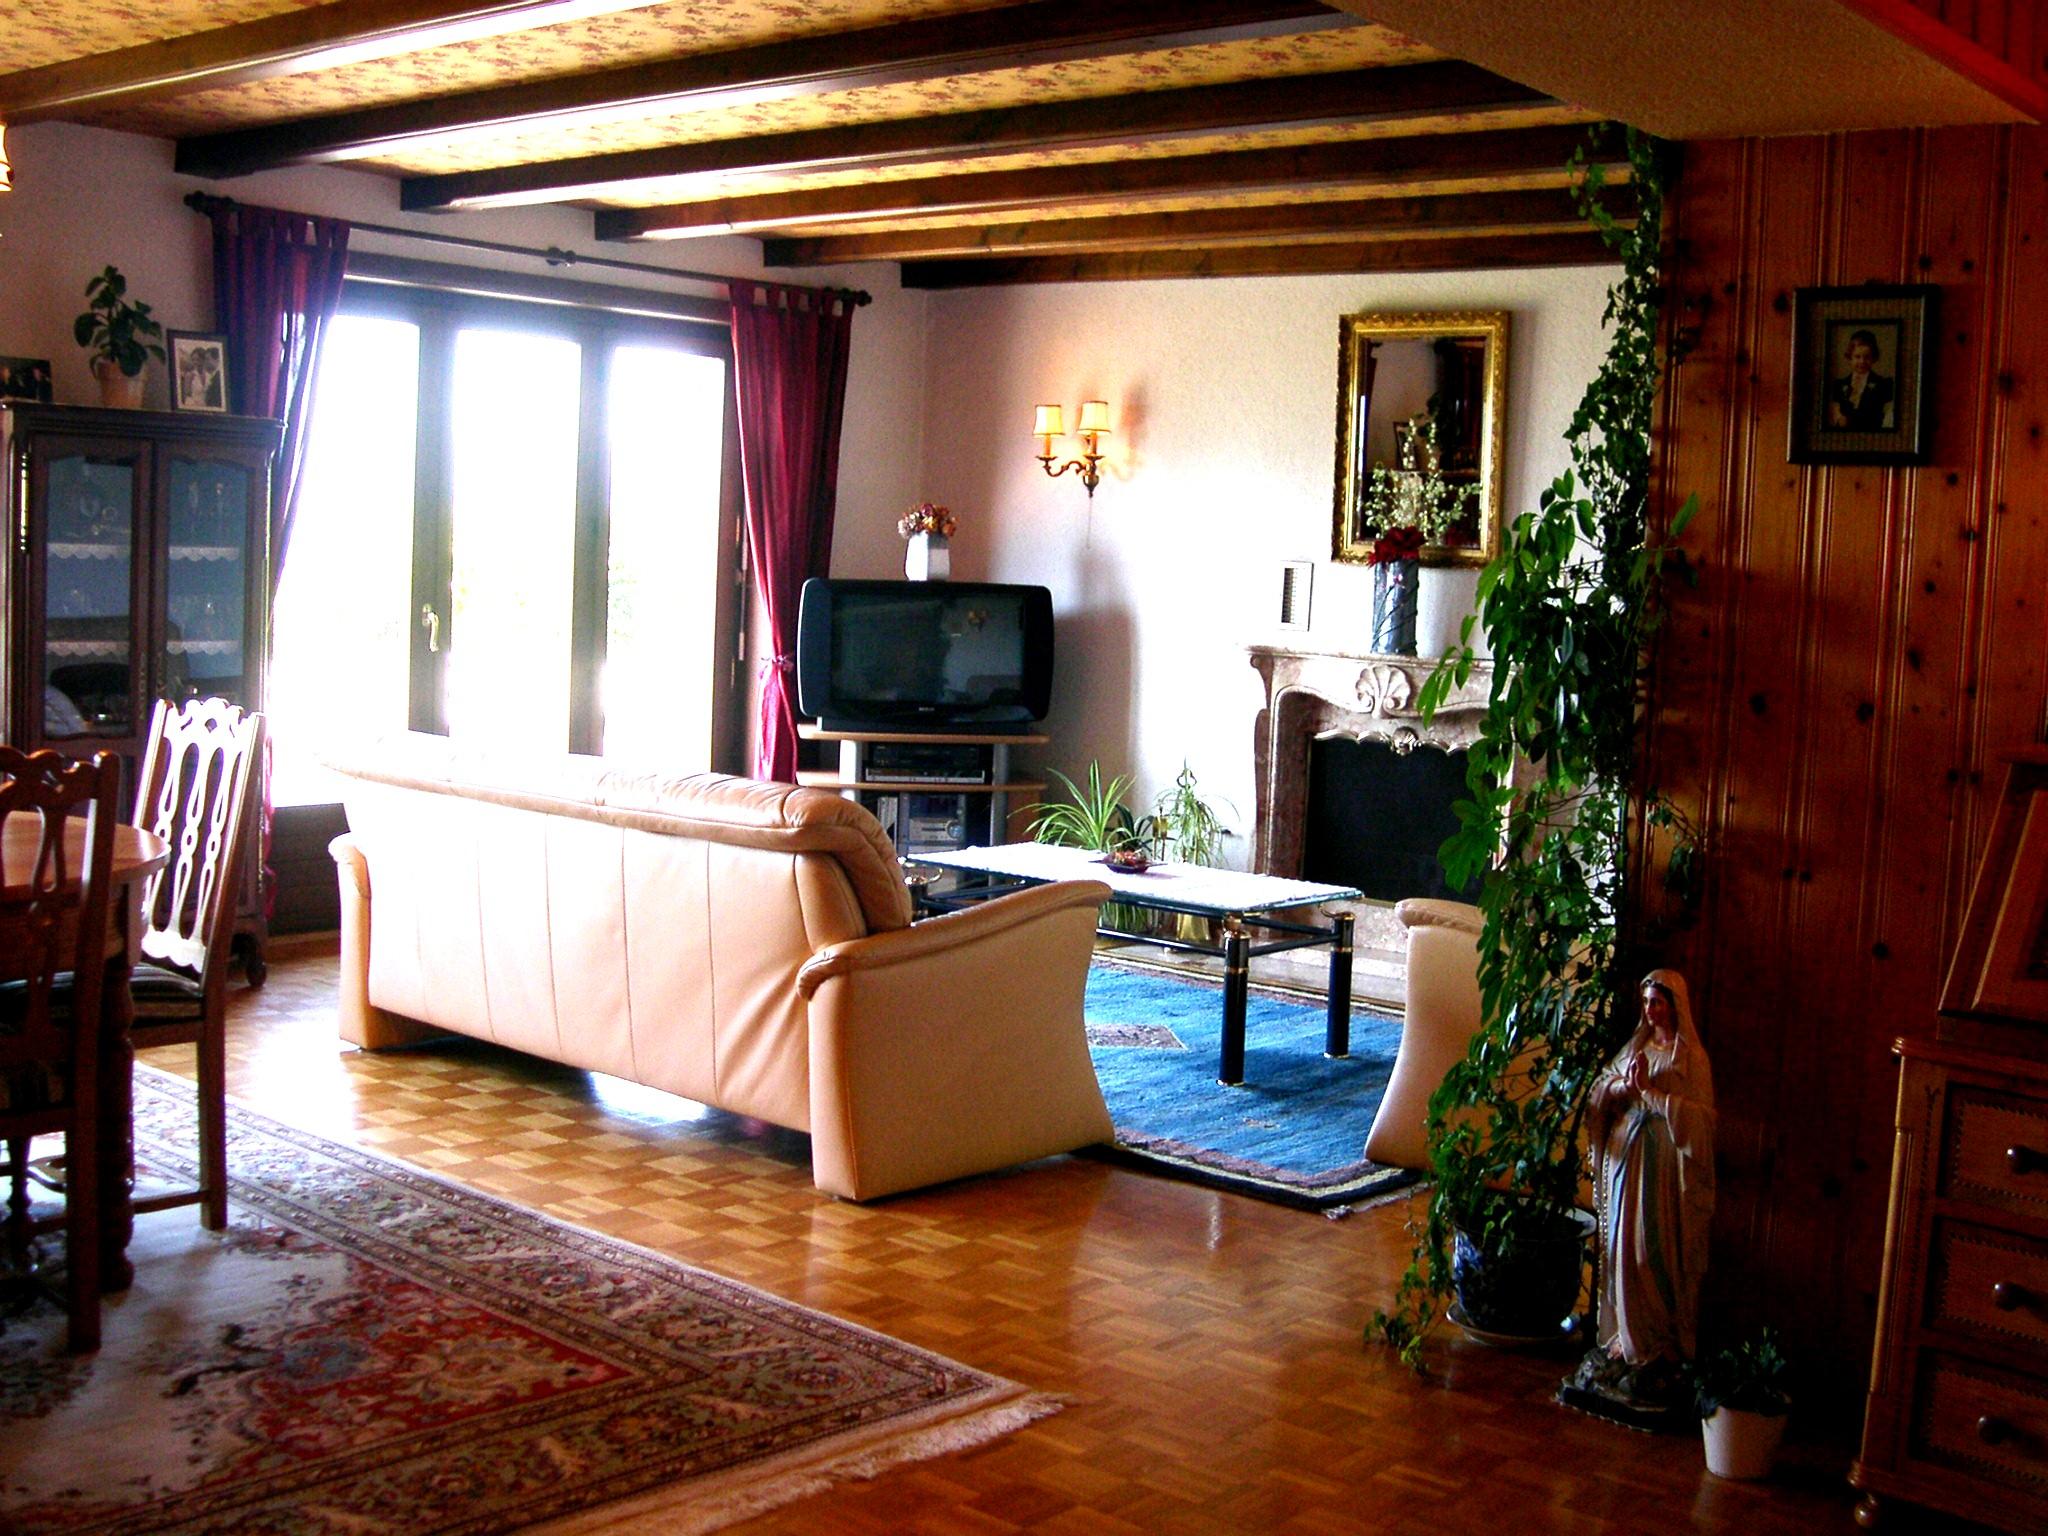 Detached House For Sale in Pont-en-Ogoz - 4 Photos